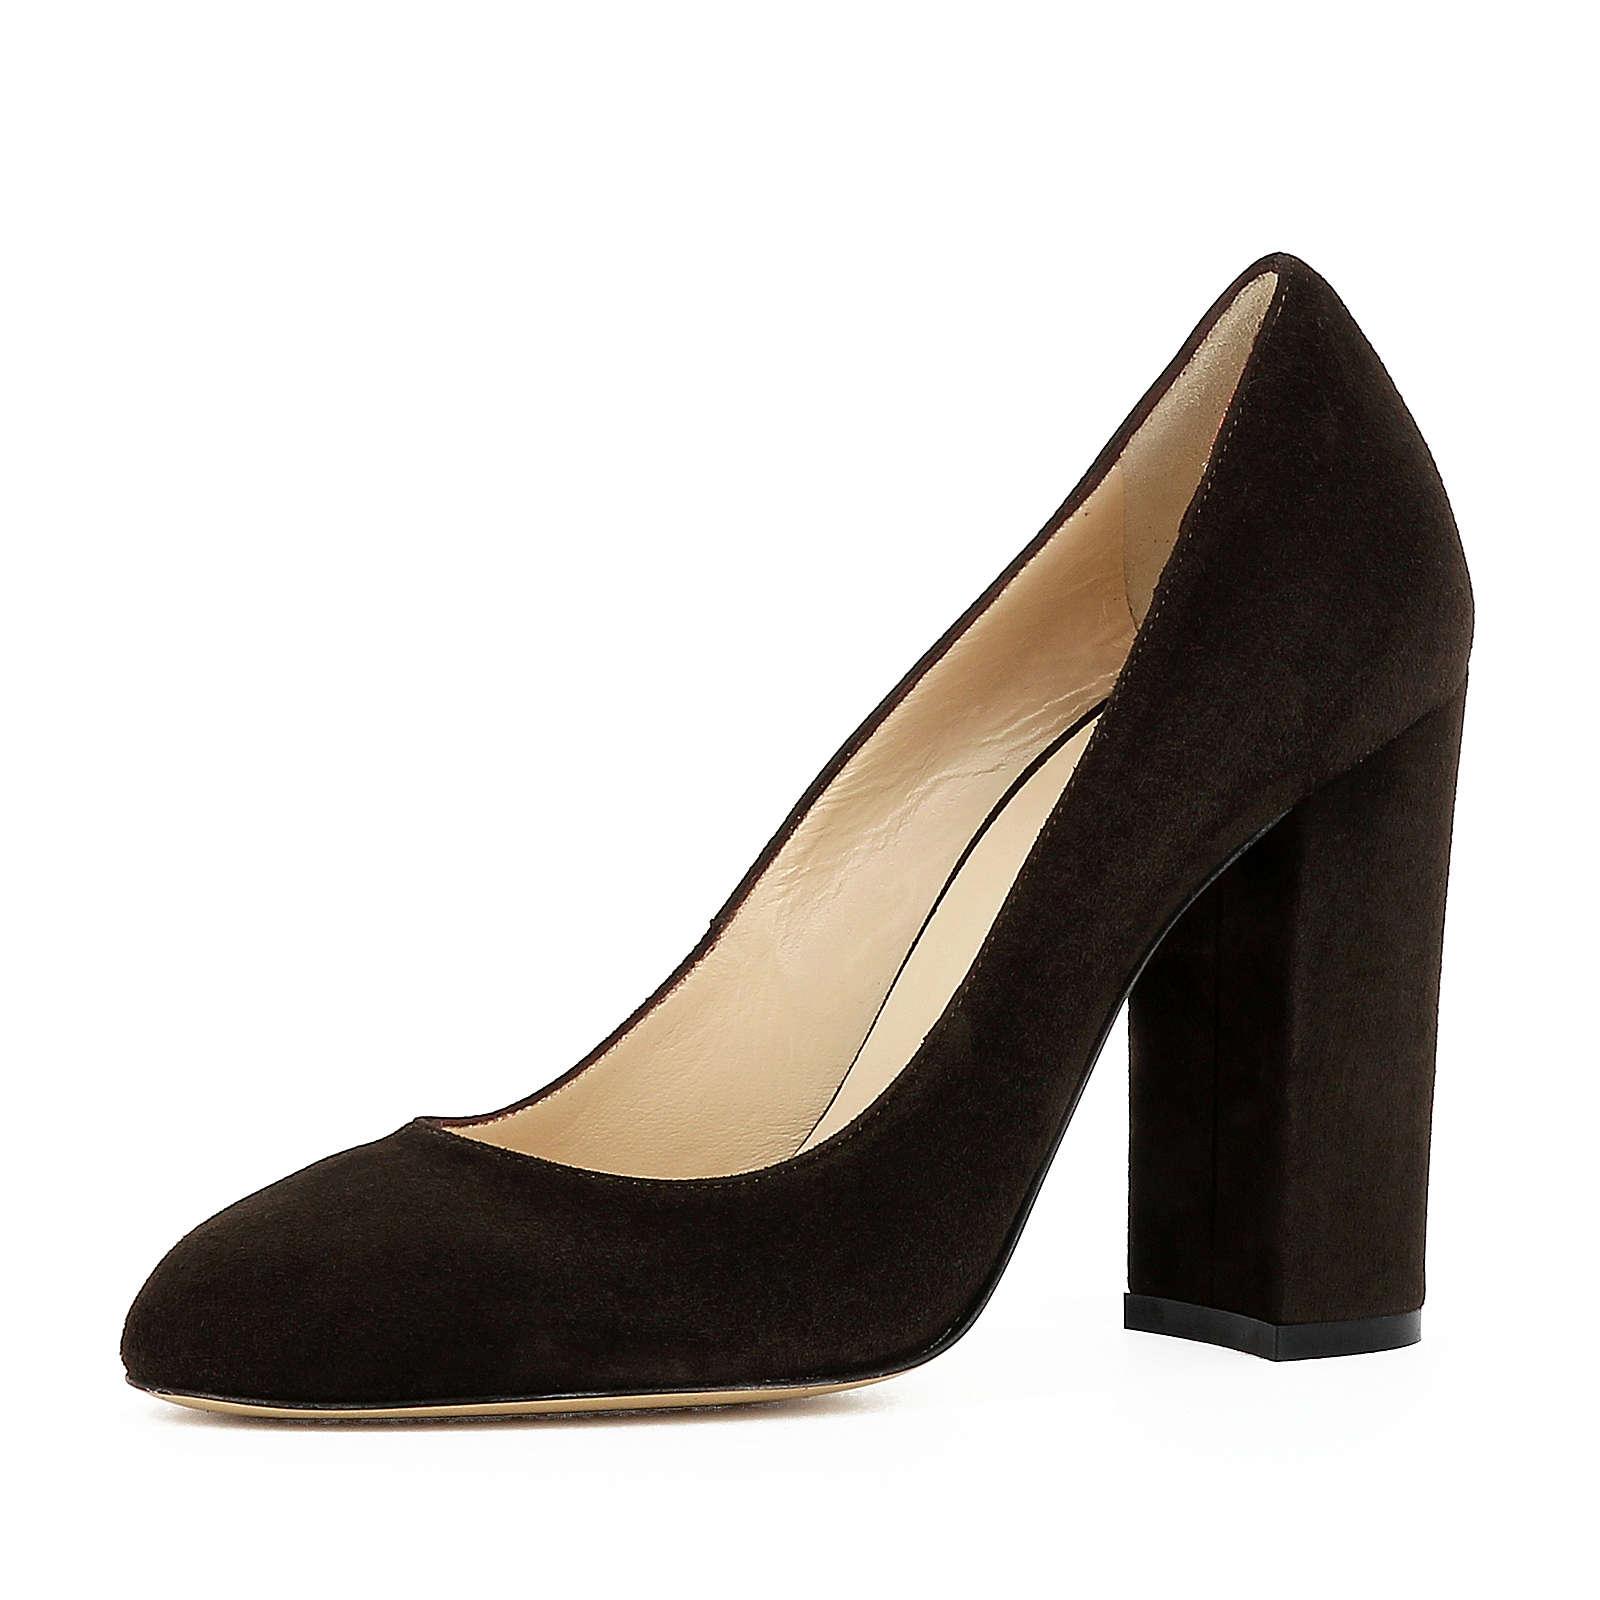 Evita Shoes Pumps dunkelbraun Damen Gr. 34